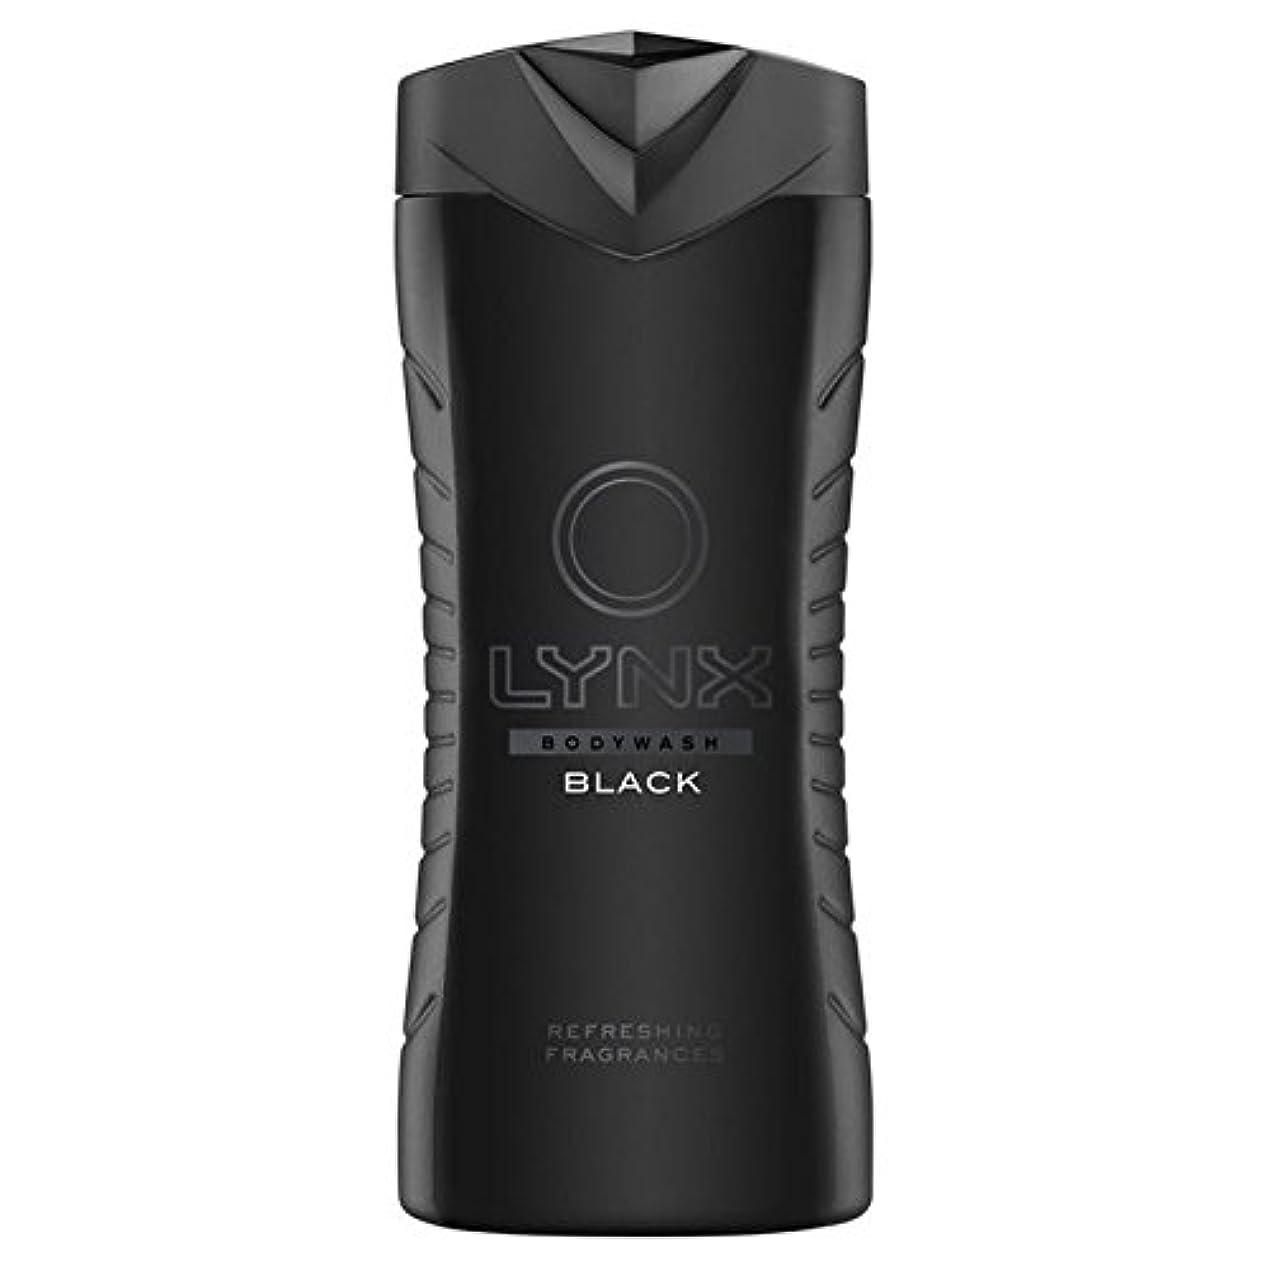 船乗り配分あいにくLynx Black Shower Gel 400ml - オオヤマネコブラックシャワージェル400ミリリットル [並行輸入品]